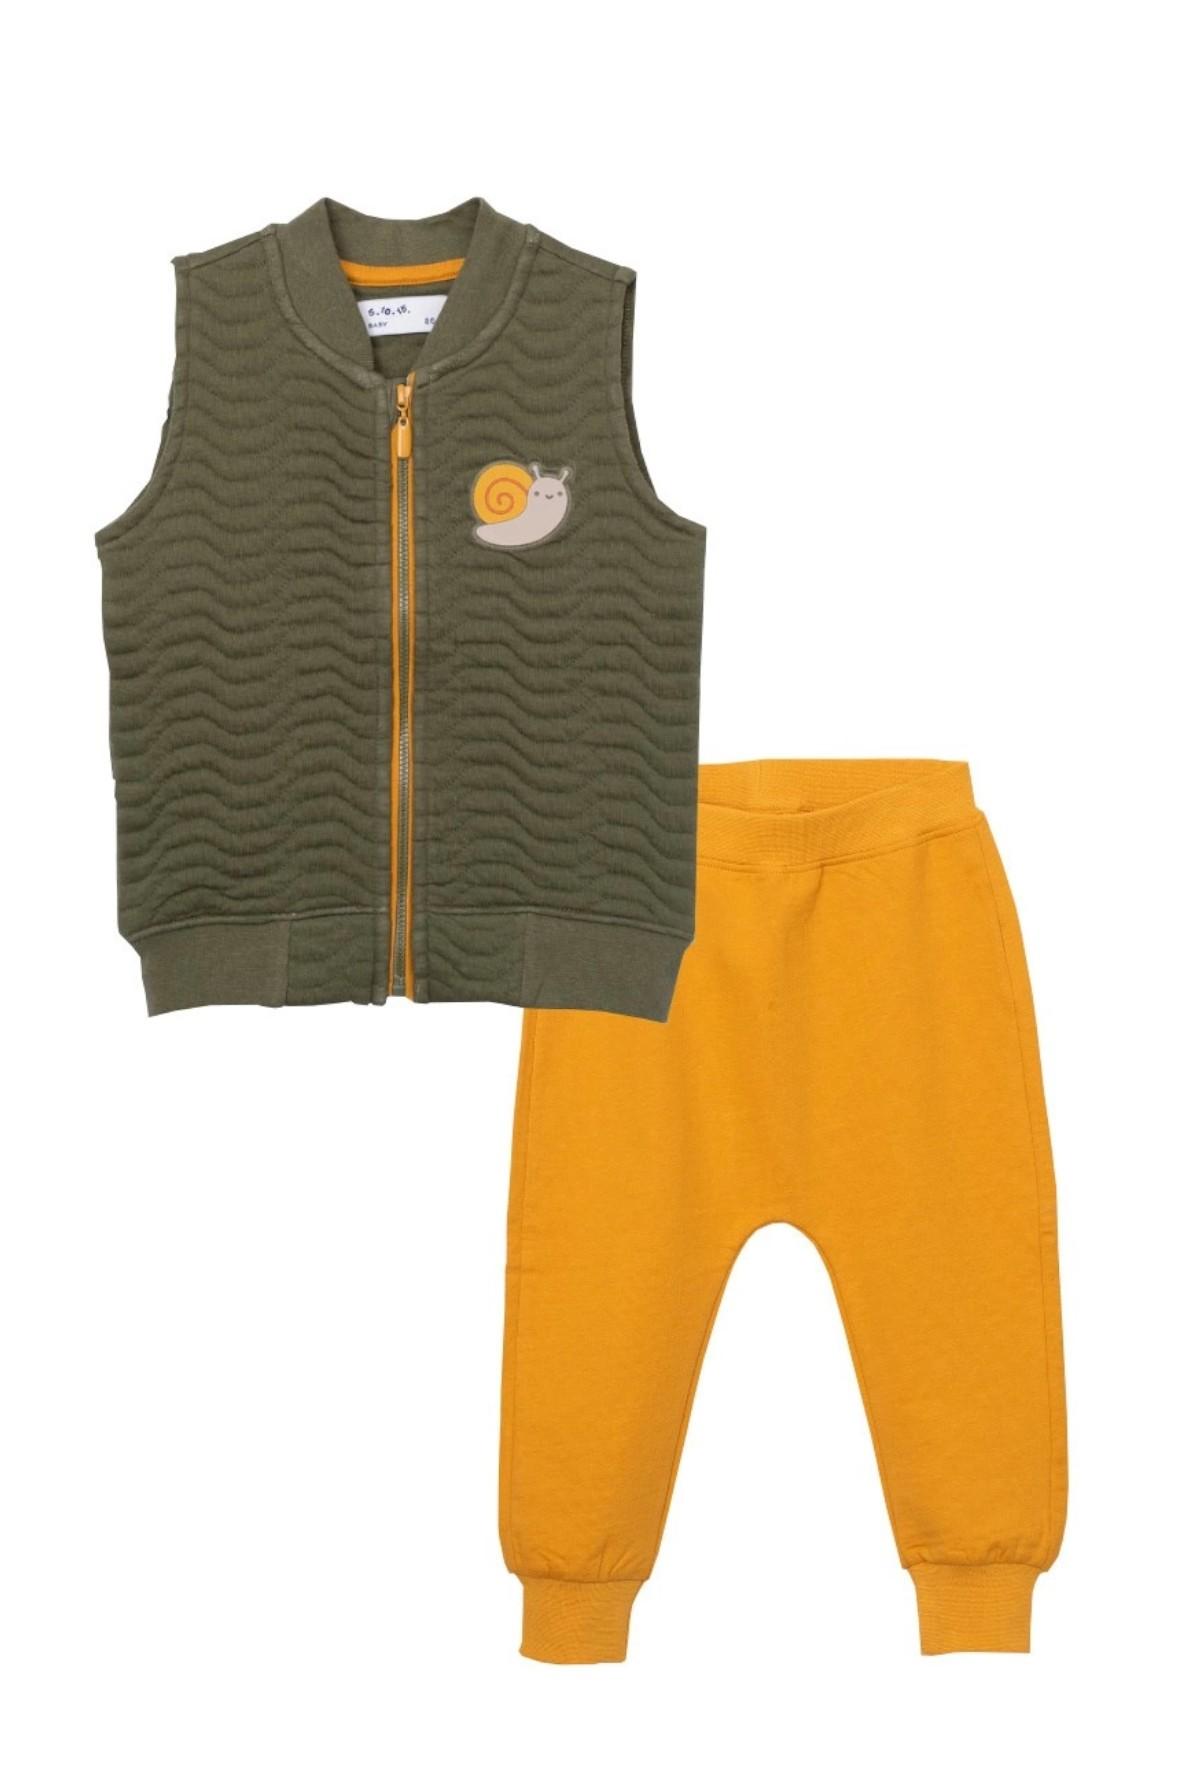 Komplet niemowlęcy - bezrękawnik ze ślimakiem i żółte spodnie dresowe